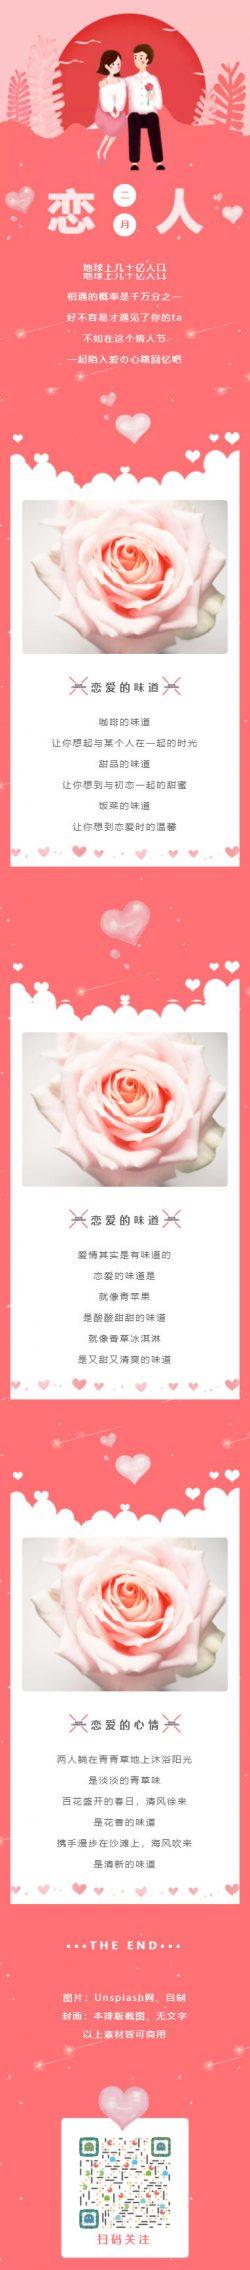 2020年02月14日西方情人节七夕微信公众号推送图文模板推文素材